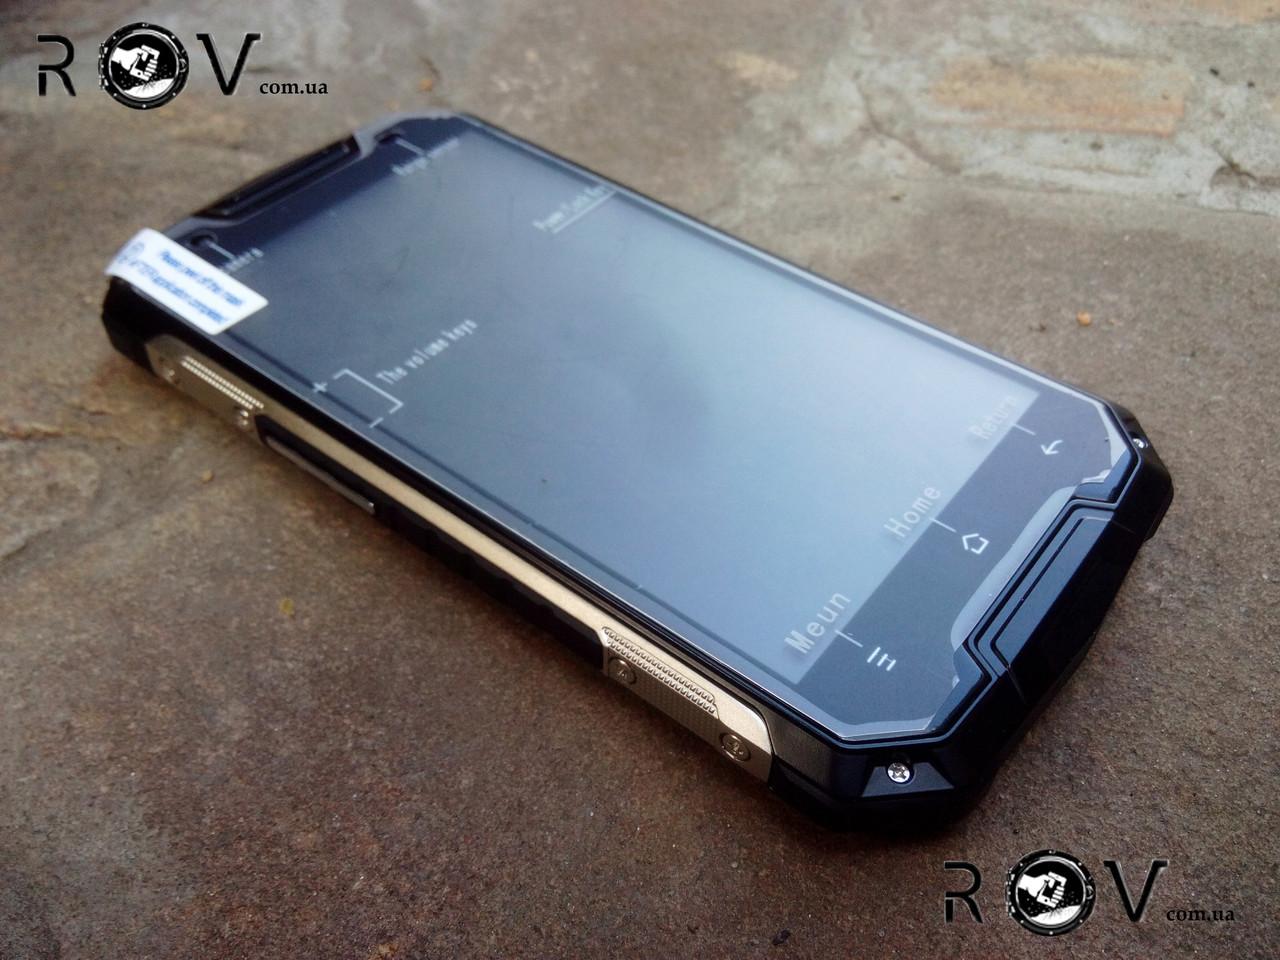 0d189a9efd28e Новинка!!! Защищенный смартфон Land rover V8+ 10000мАч Black, цена 2 ...